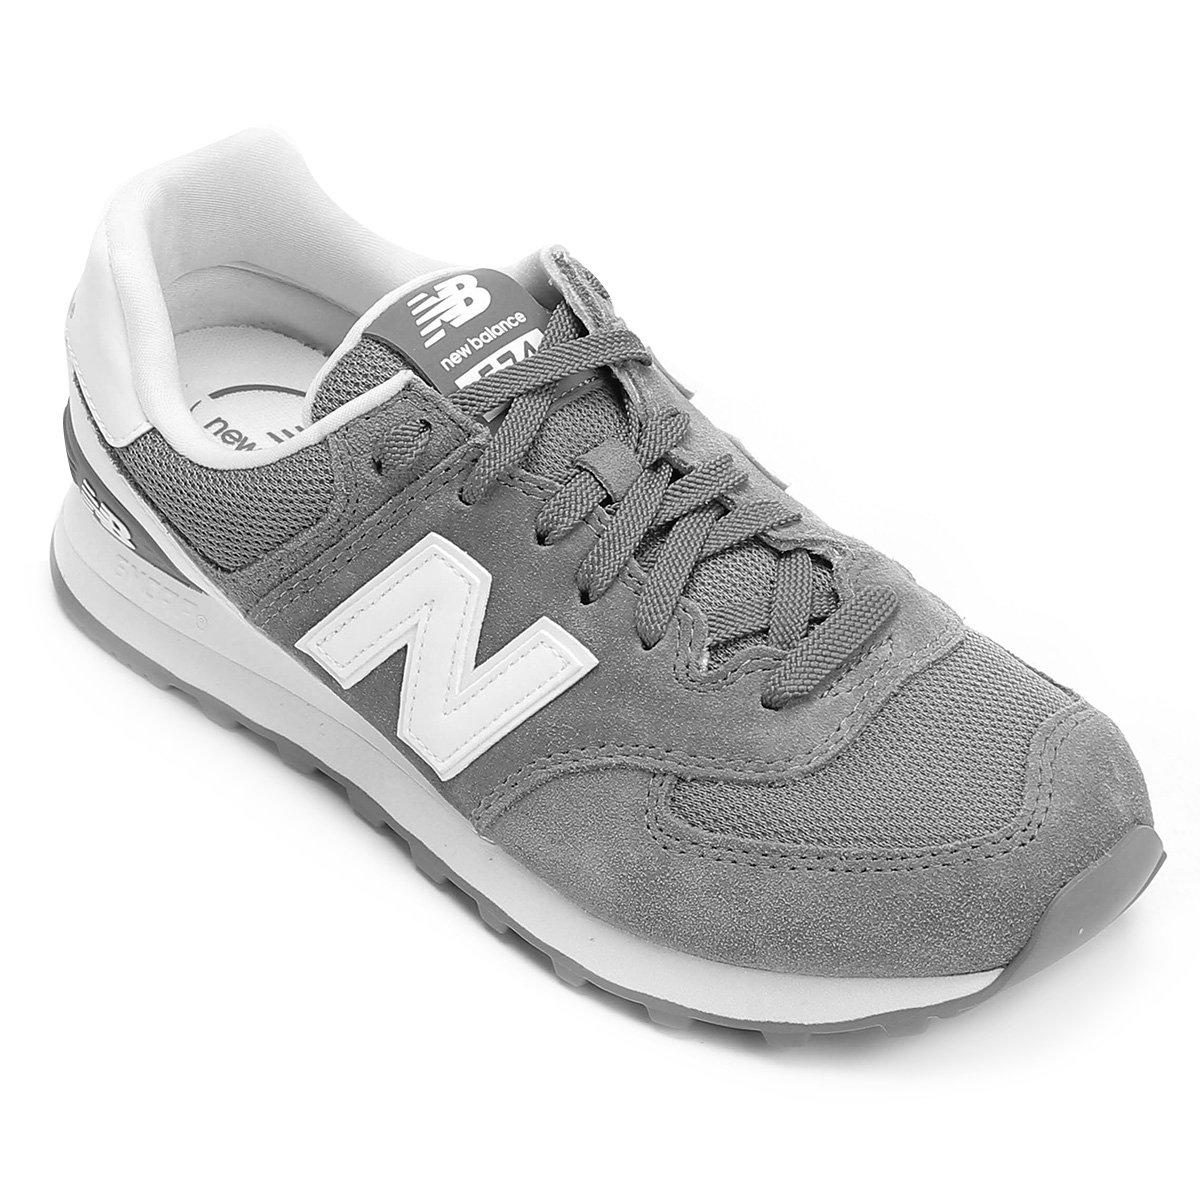 11a34e3049bc Tênis Couro New Balance 574 Cny - Hi Viz Masculino - Compre Agora ...